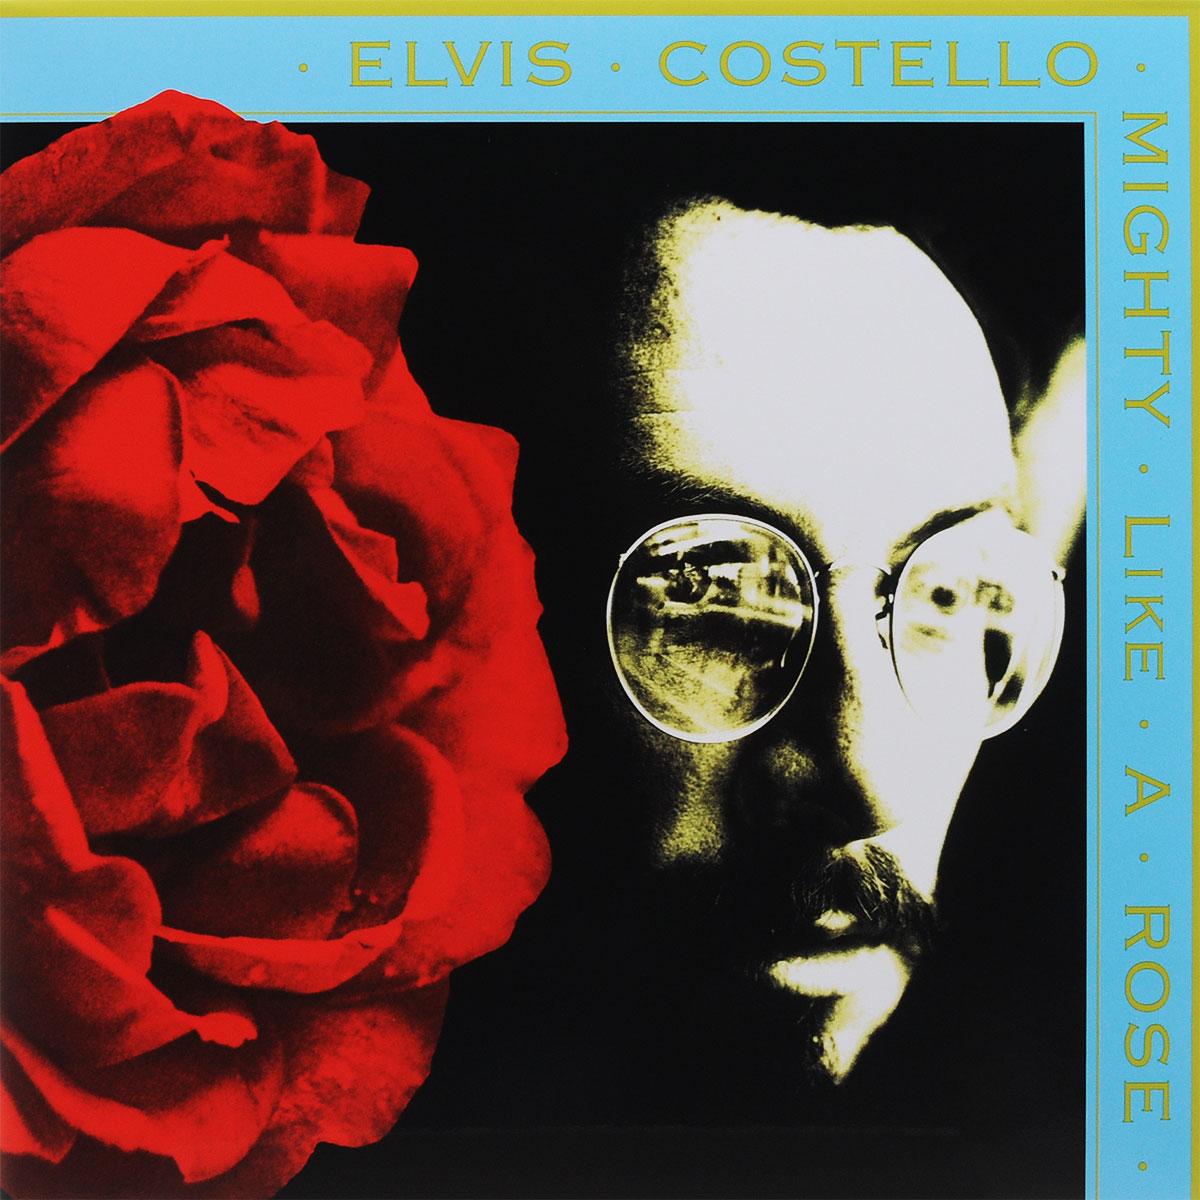 Элвис Костелло Elvis Costello. Mighty Like A Rose (LP) защитная пленка lp универсальная 2 8 матовая